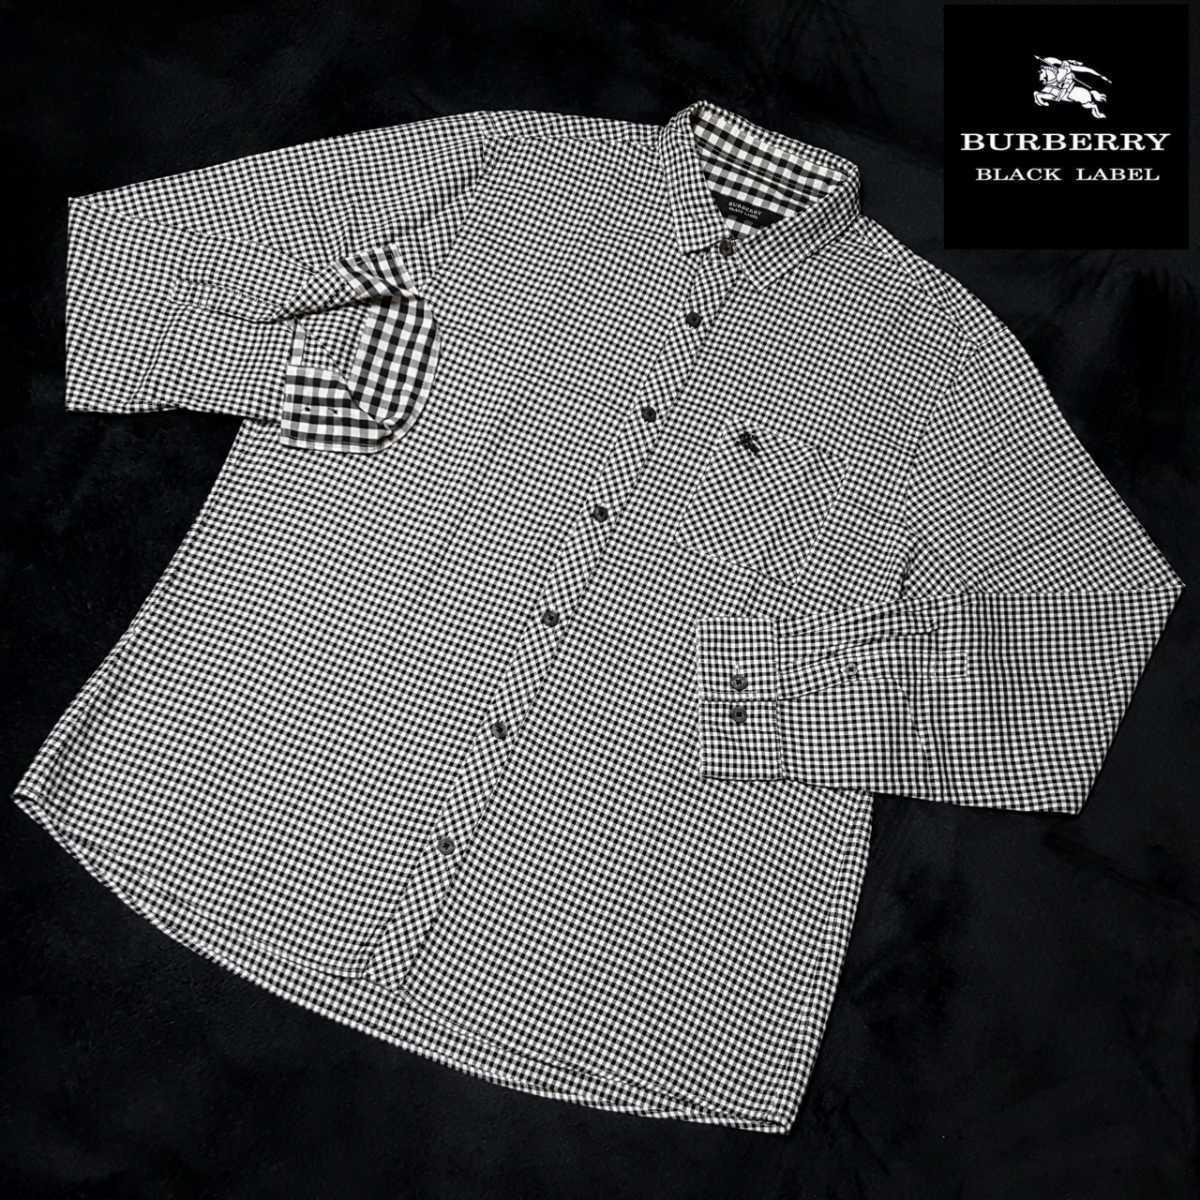 ◆極美品◆希少LLサイズ◆バーバリーブラックレーベル ホース刺繍 襟内裏・袖裏BIG格子 ギンガムチェック総柄(黒×白) 長袖シャツ